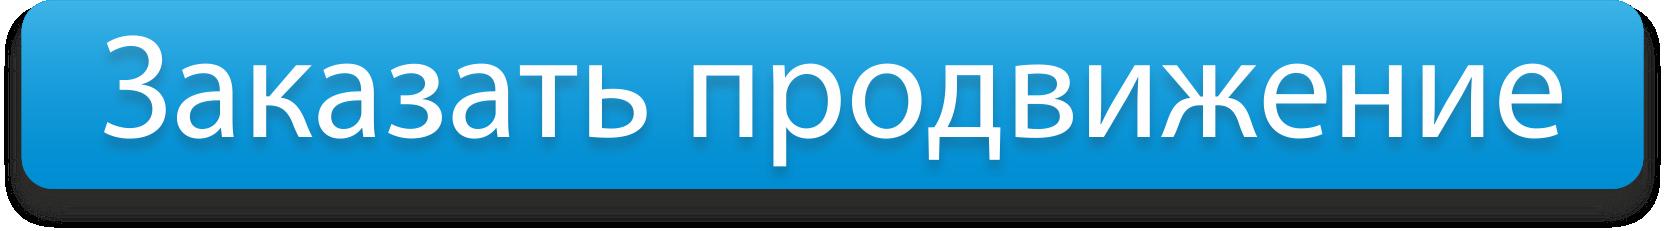 zakazat_prodvizhenie